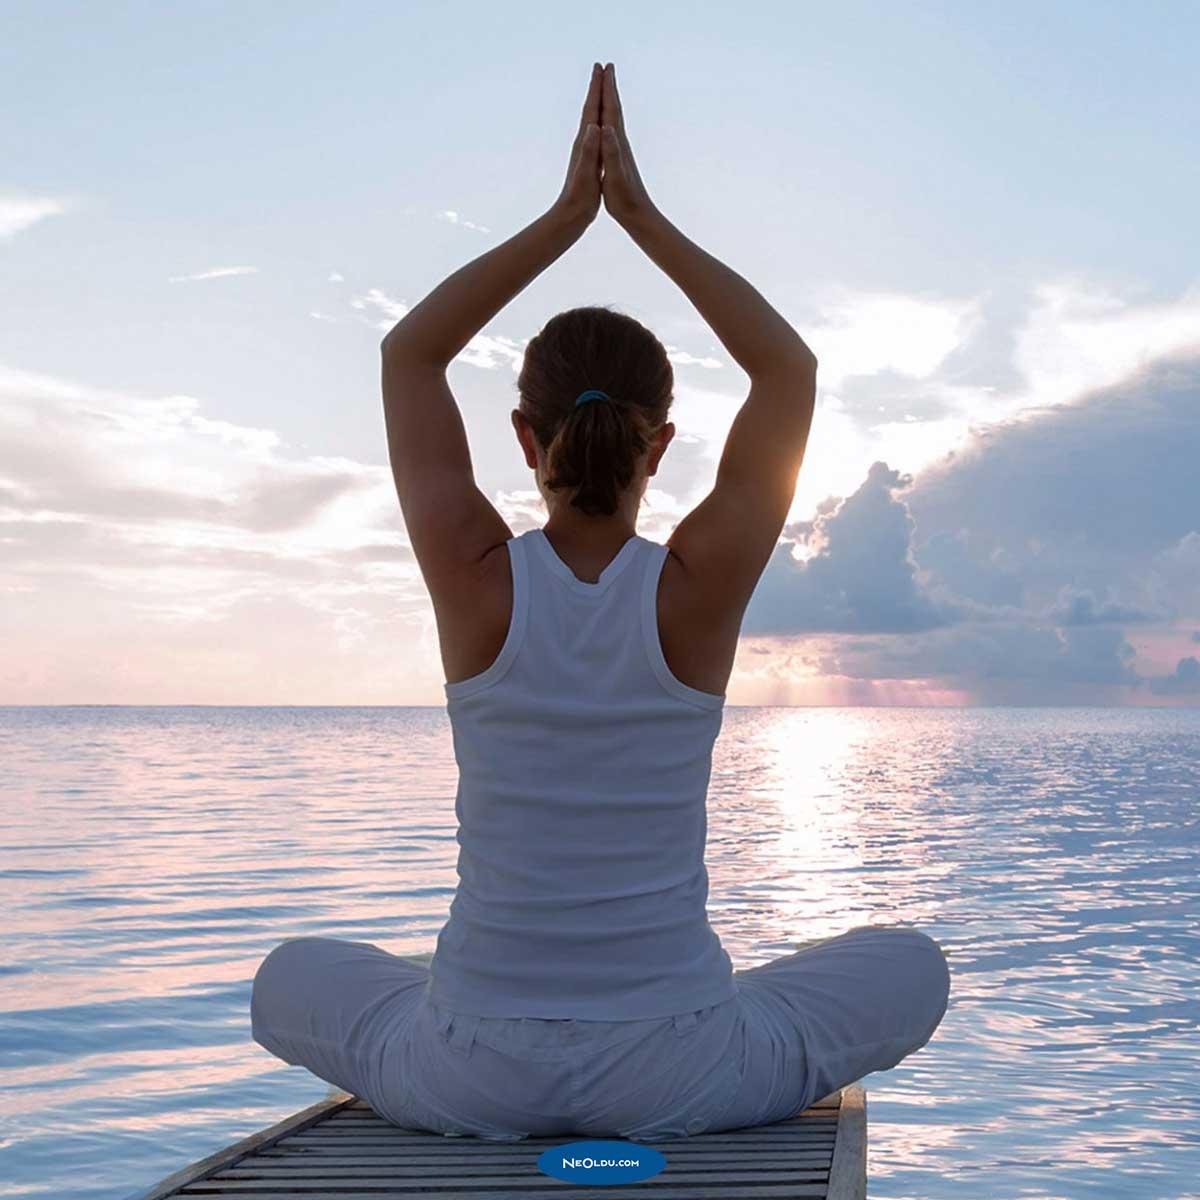 Глава 6. кундалини: пробуждение жизненной силы. жизнь есть экстаз. практика активных медитаций ошо